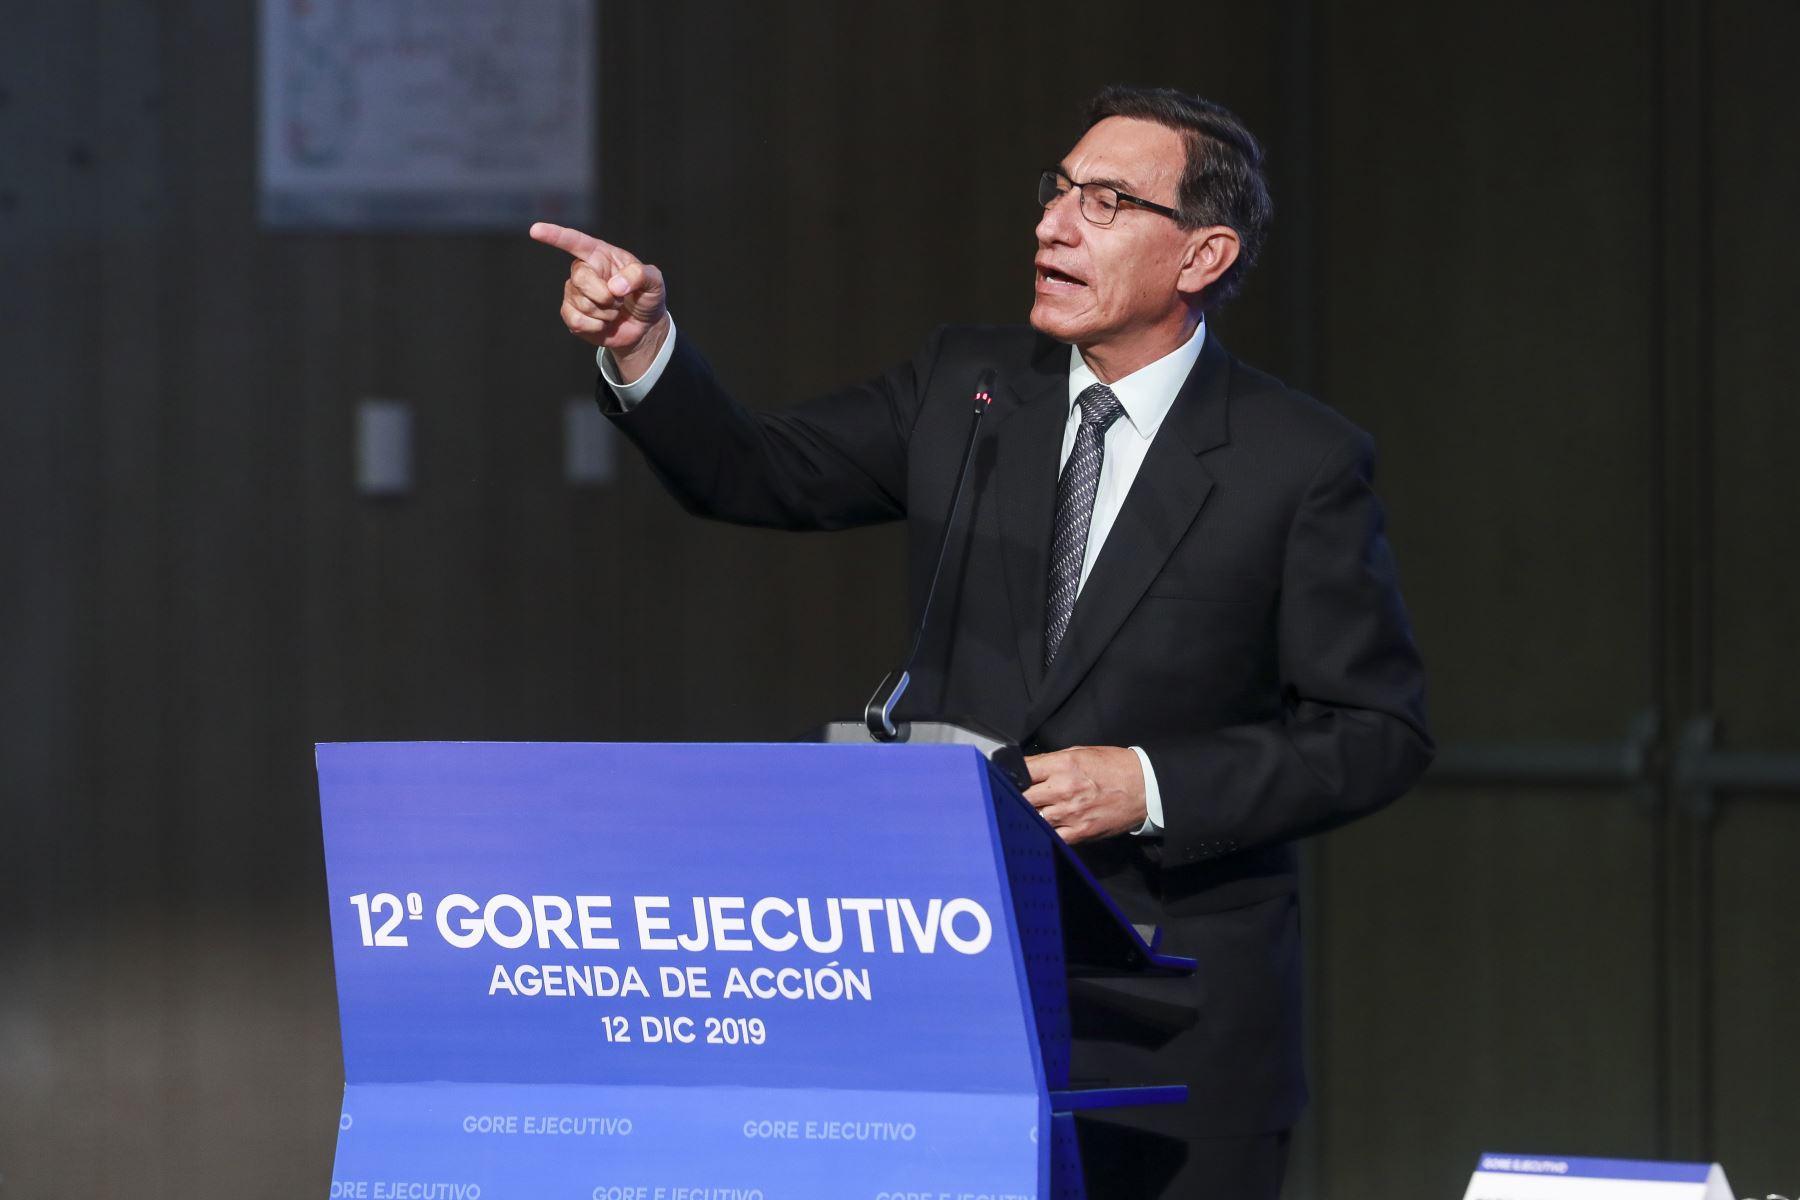 Presidente de la República, Martín Vizcarra, participó en el 12 Gore Ejecutivo. Foto: ANDINA/ Prensa Presidencia